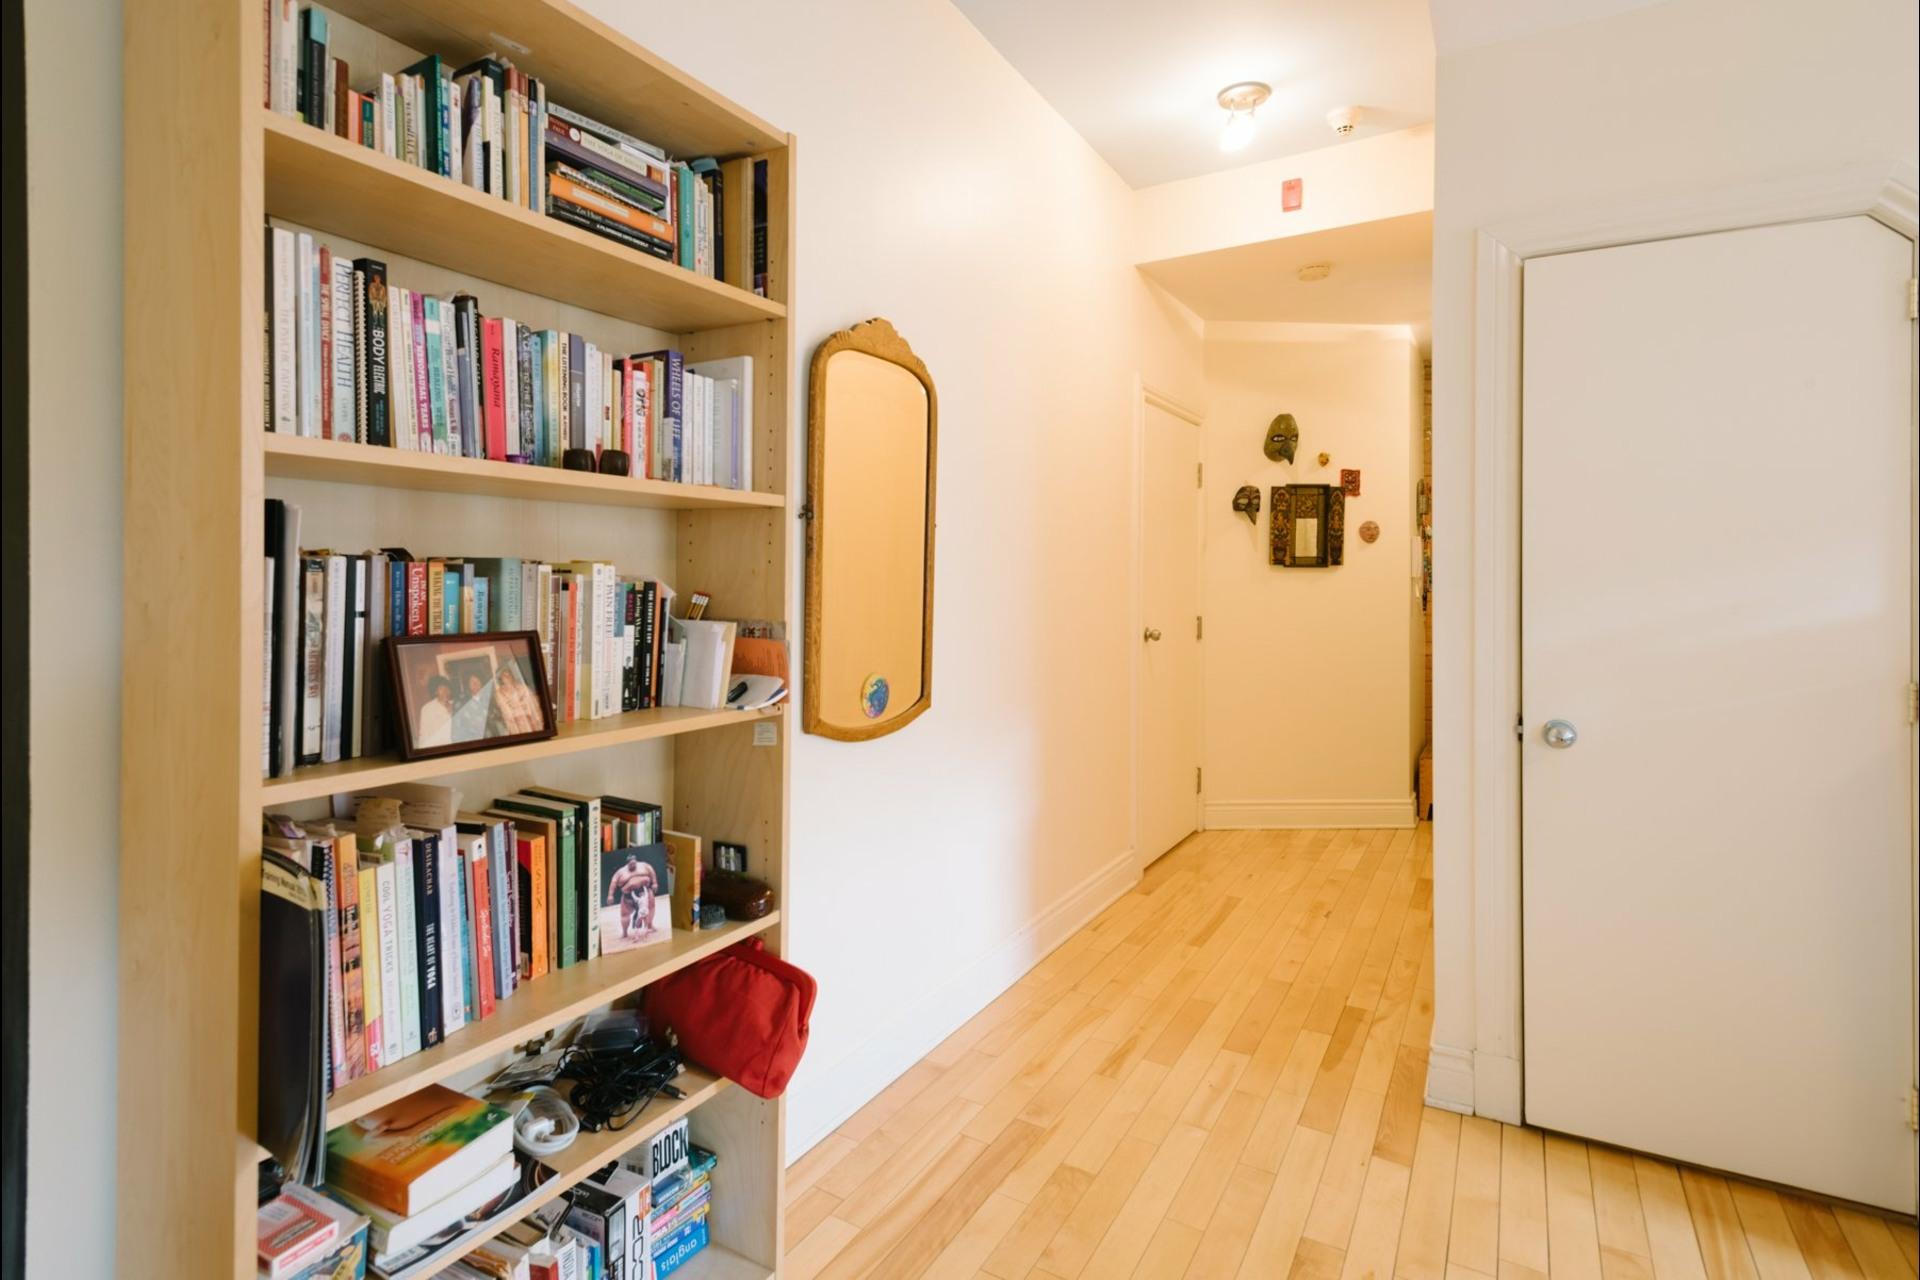 image 3 - Appartement À vendre Montréal Le Plateau-Mont-Royal  - 5 pièces